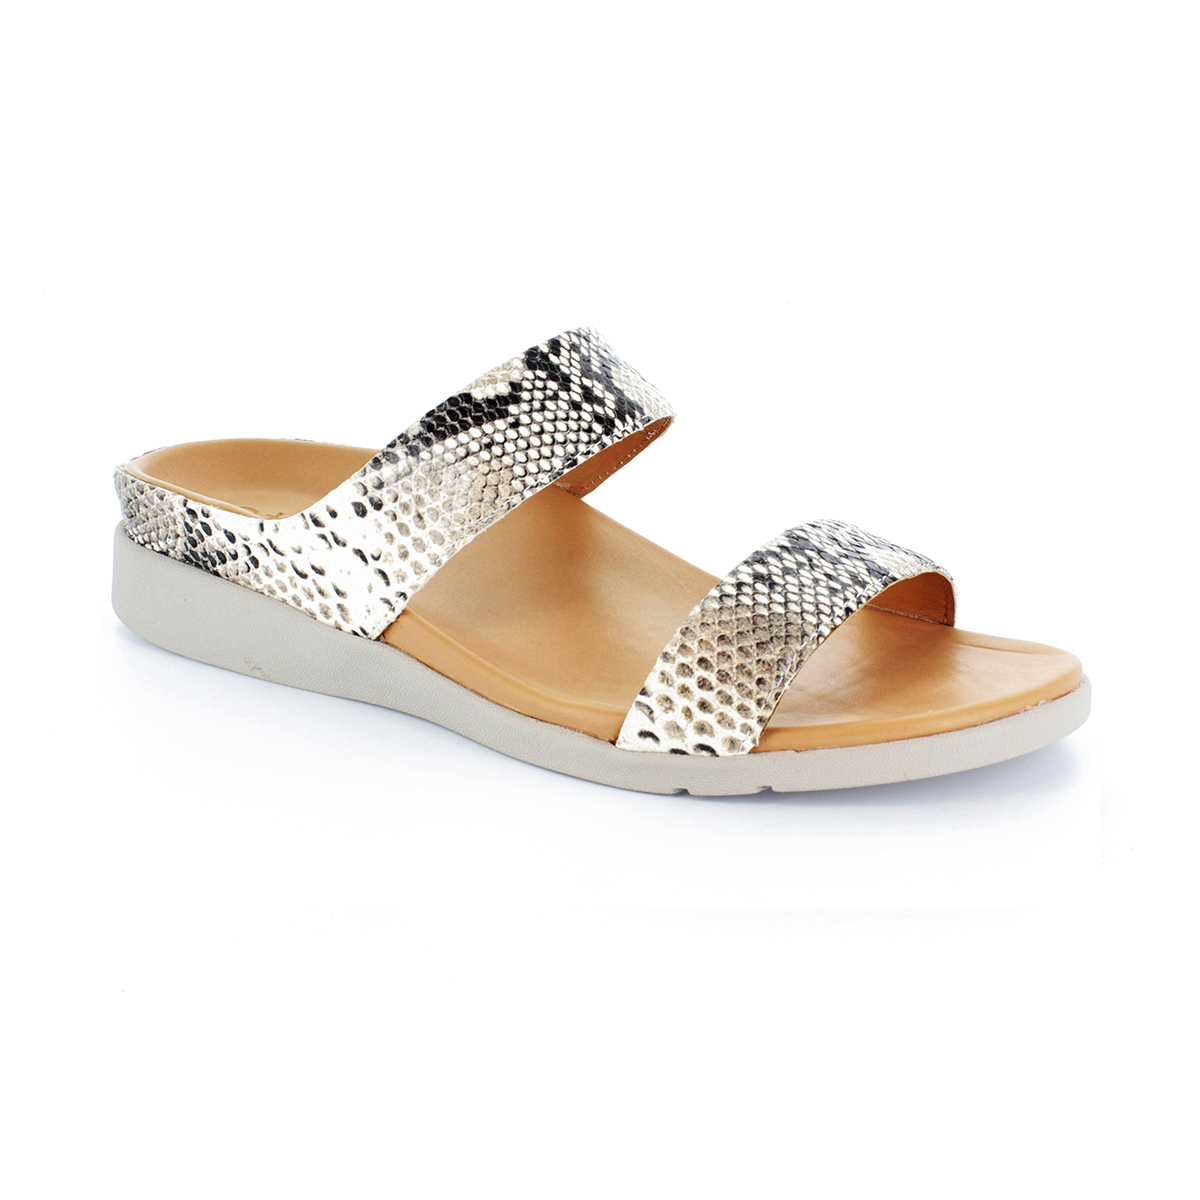 スニーカー感覚で歩き回れる「サンダル」|FARO (23-23.5cm) 独自開発の立体インソールで、スニーカーみたいに歩き回れる「サンダル」|strive